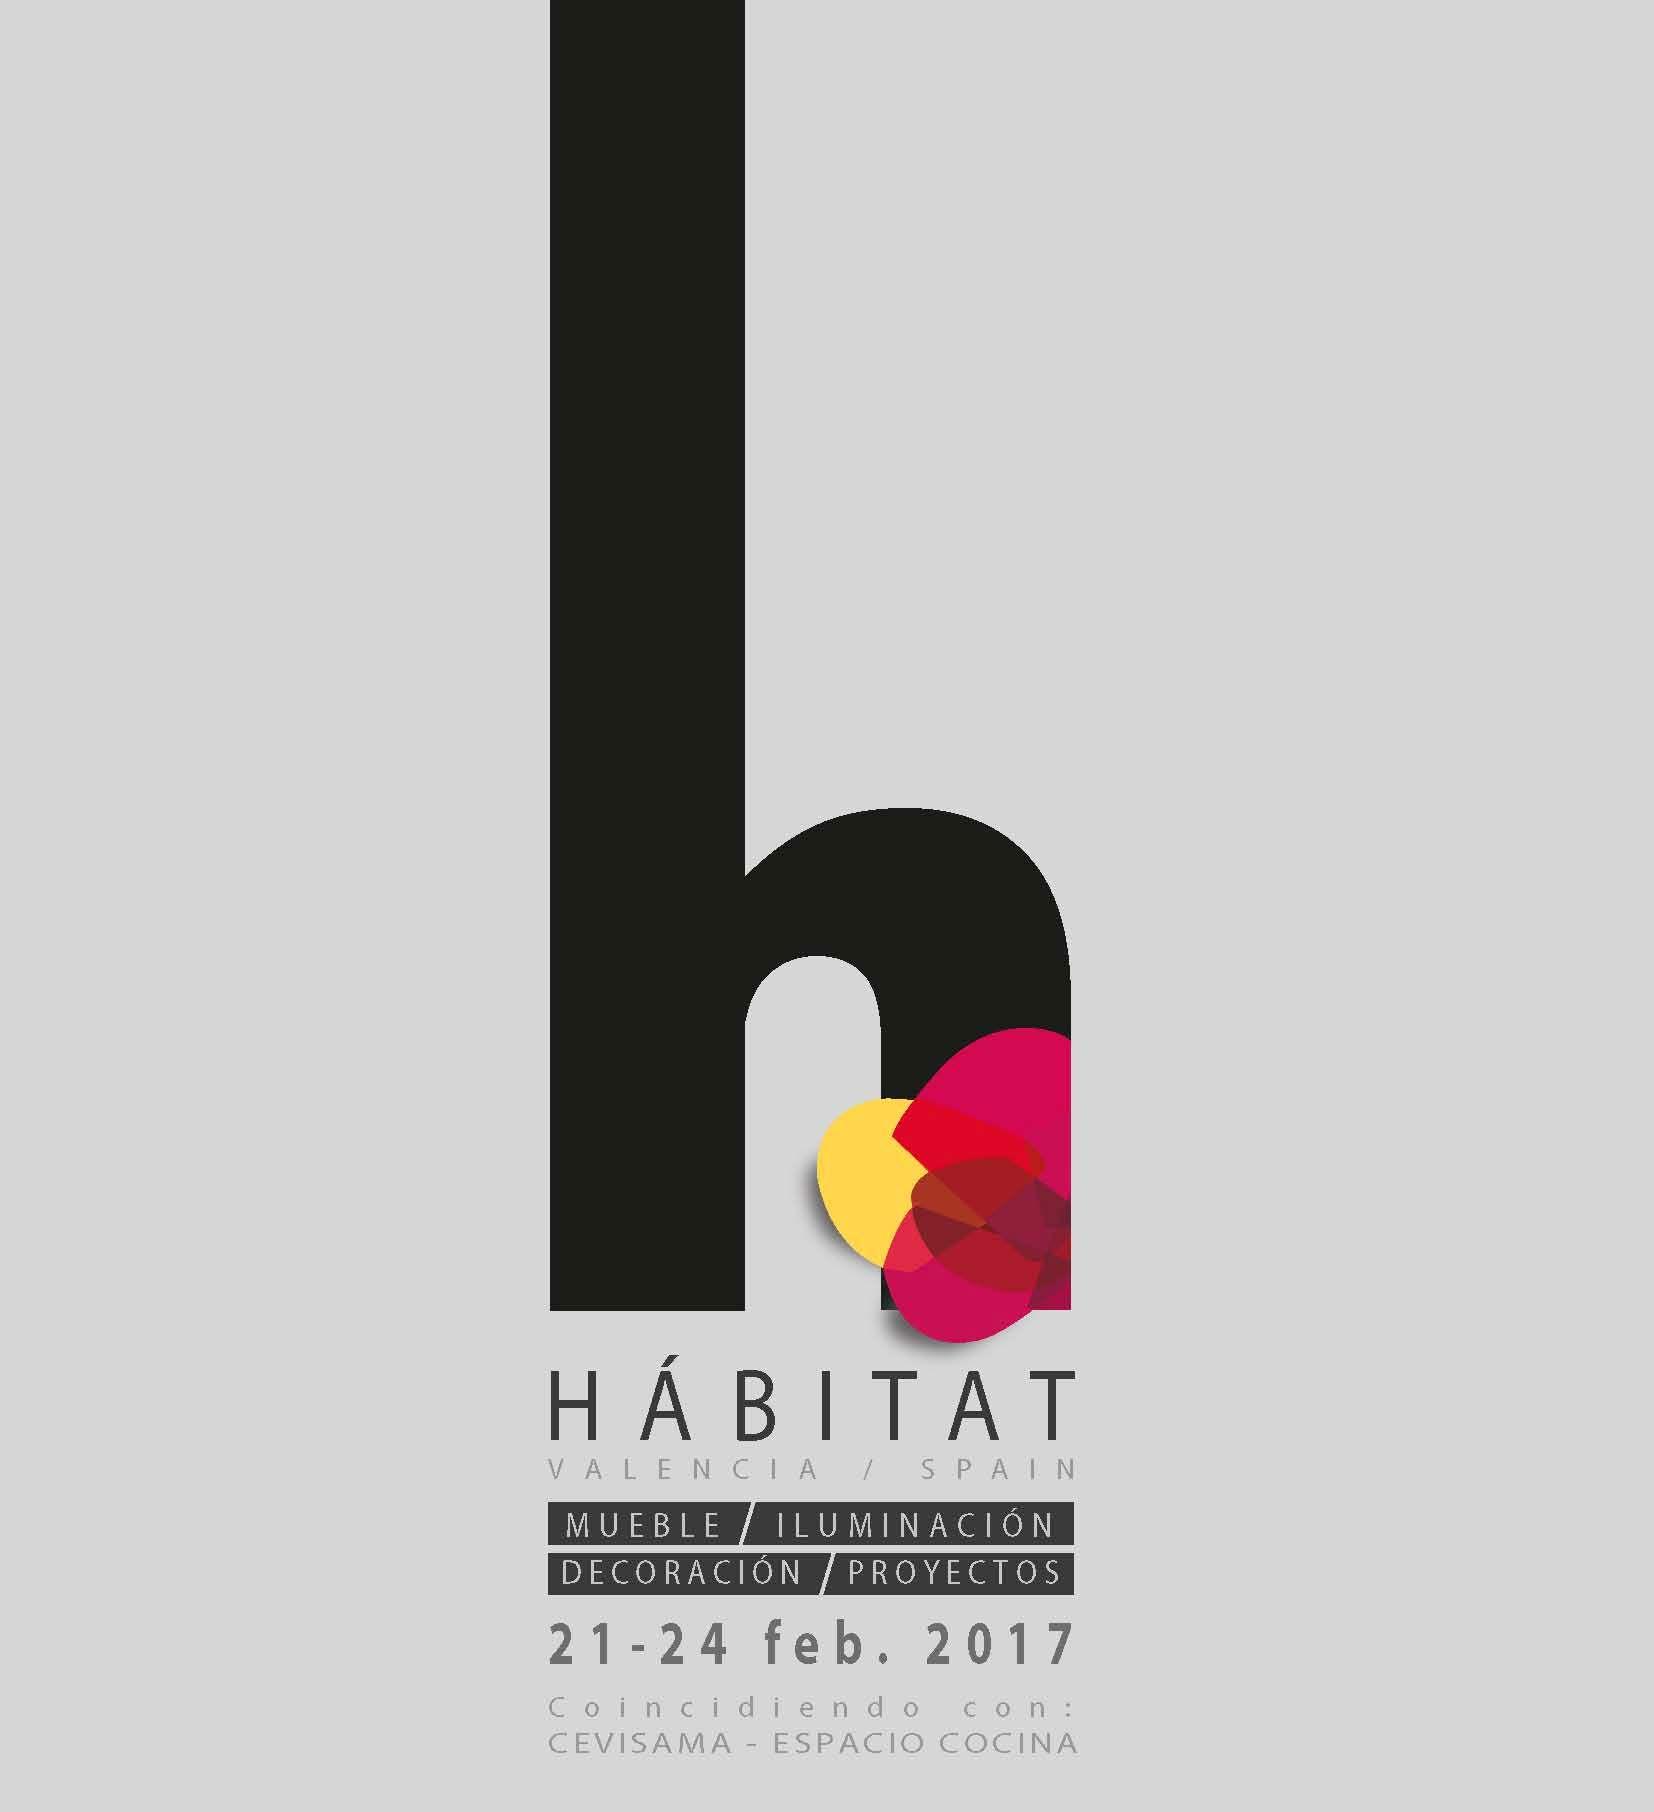 Feria H Bitat De Valencia 2017 Esdesign ~ Escuela Superior De Diseño De Valencia